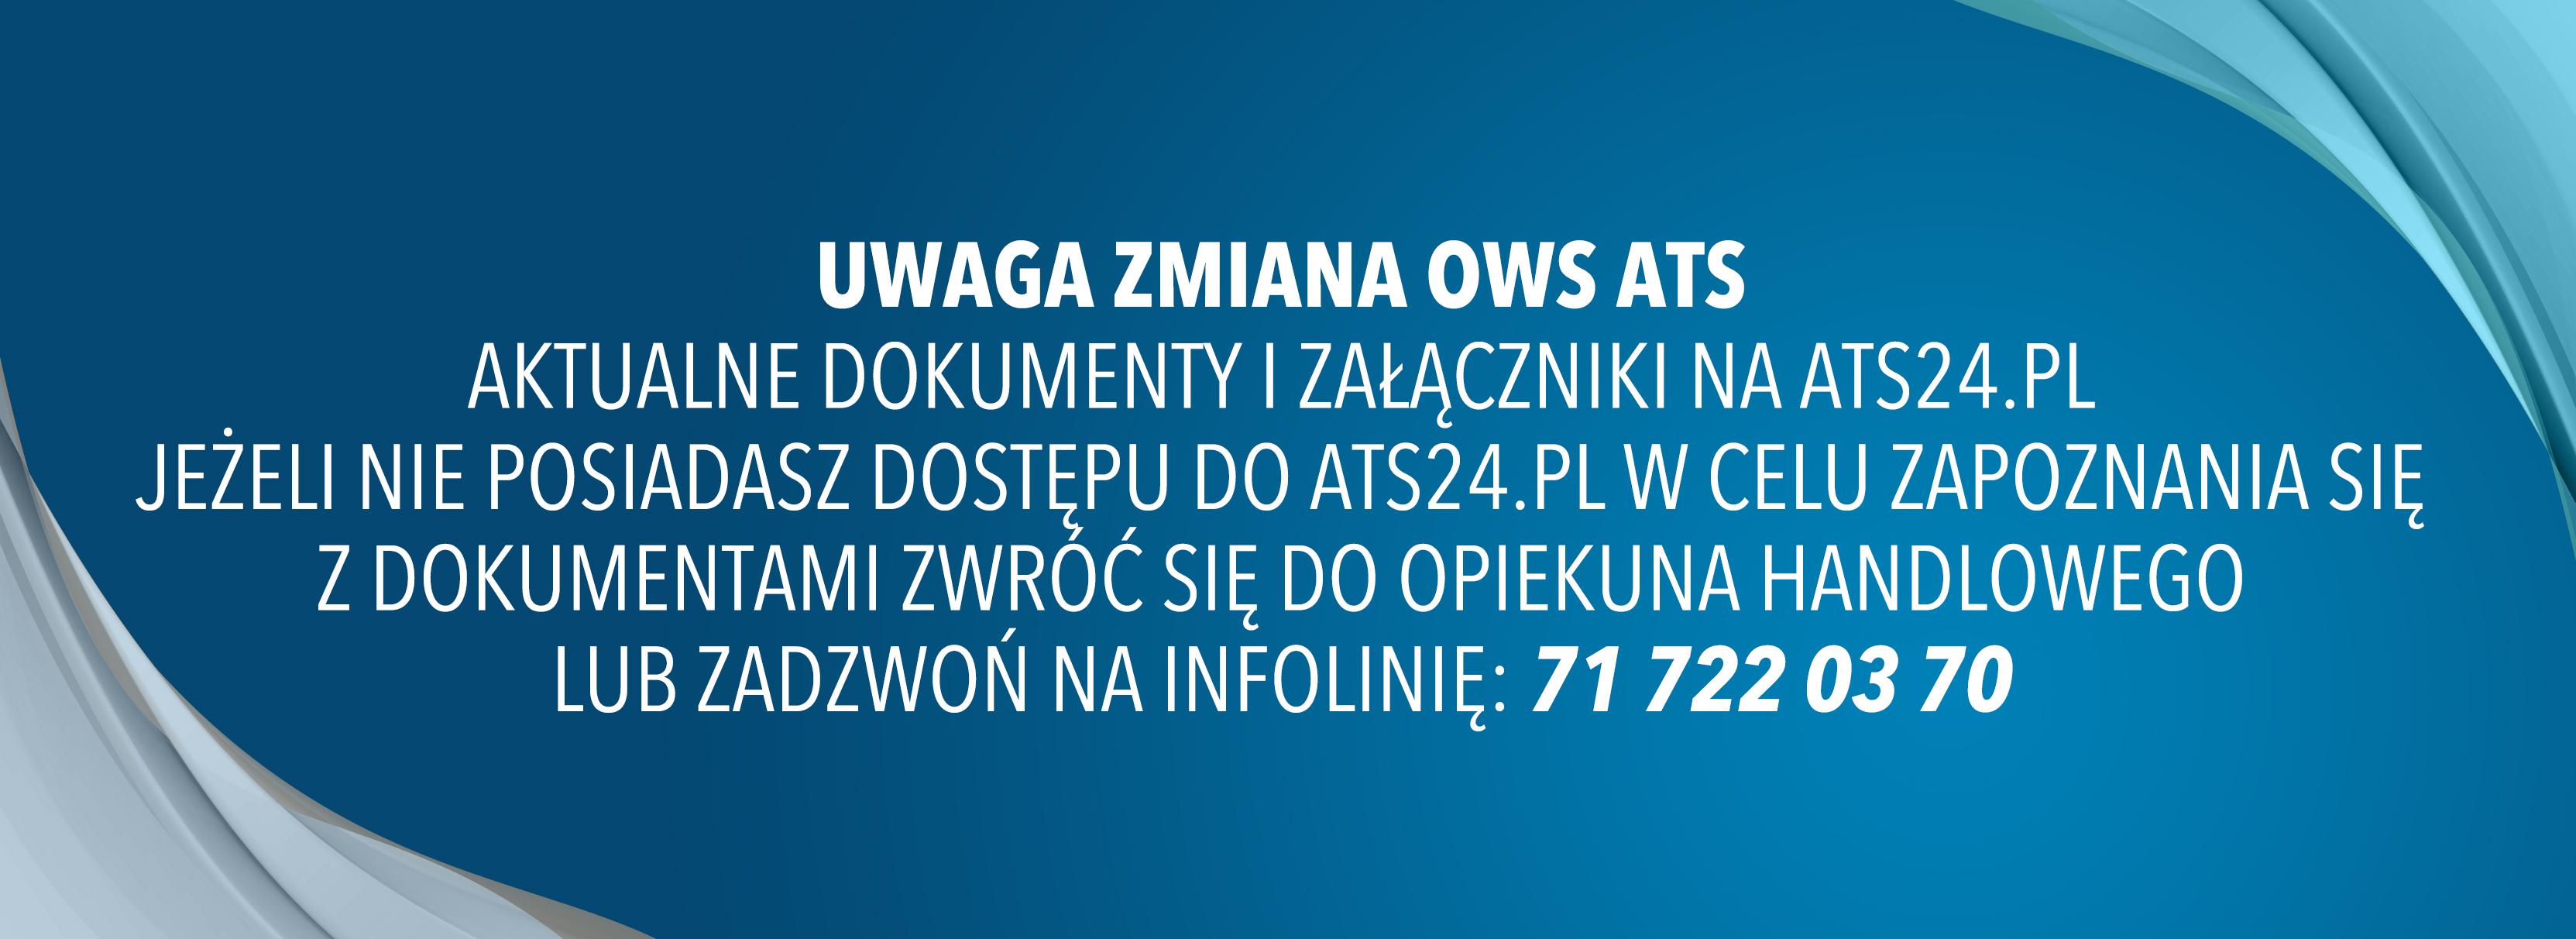 zmiana_ows_ats